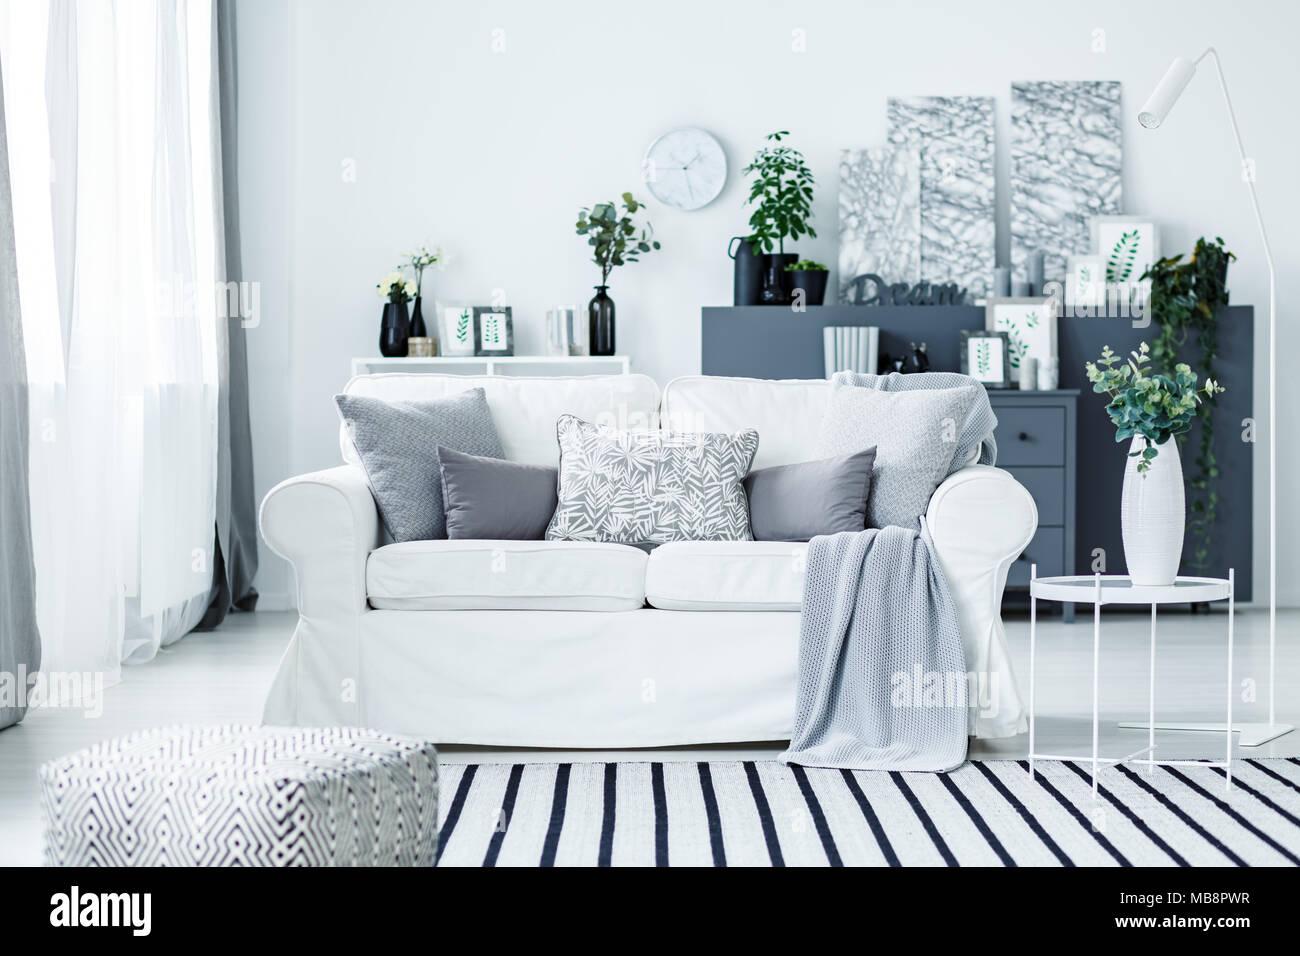 Confortevole divano bianco e un tappeto a strisce in un - Divano bianco e grigio ...